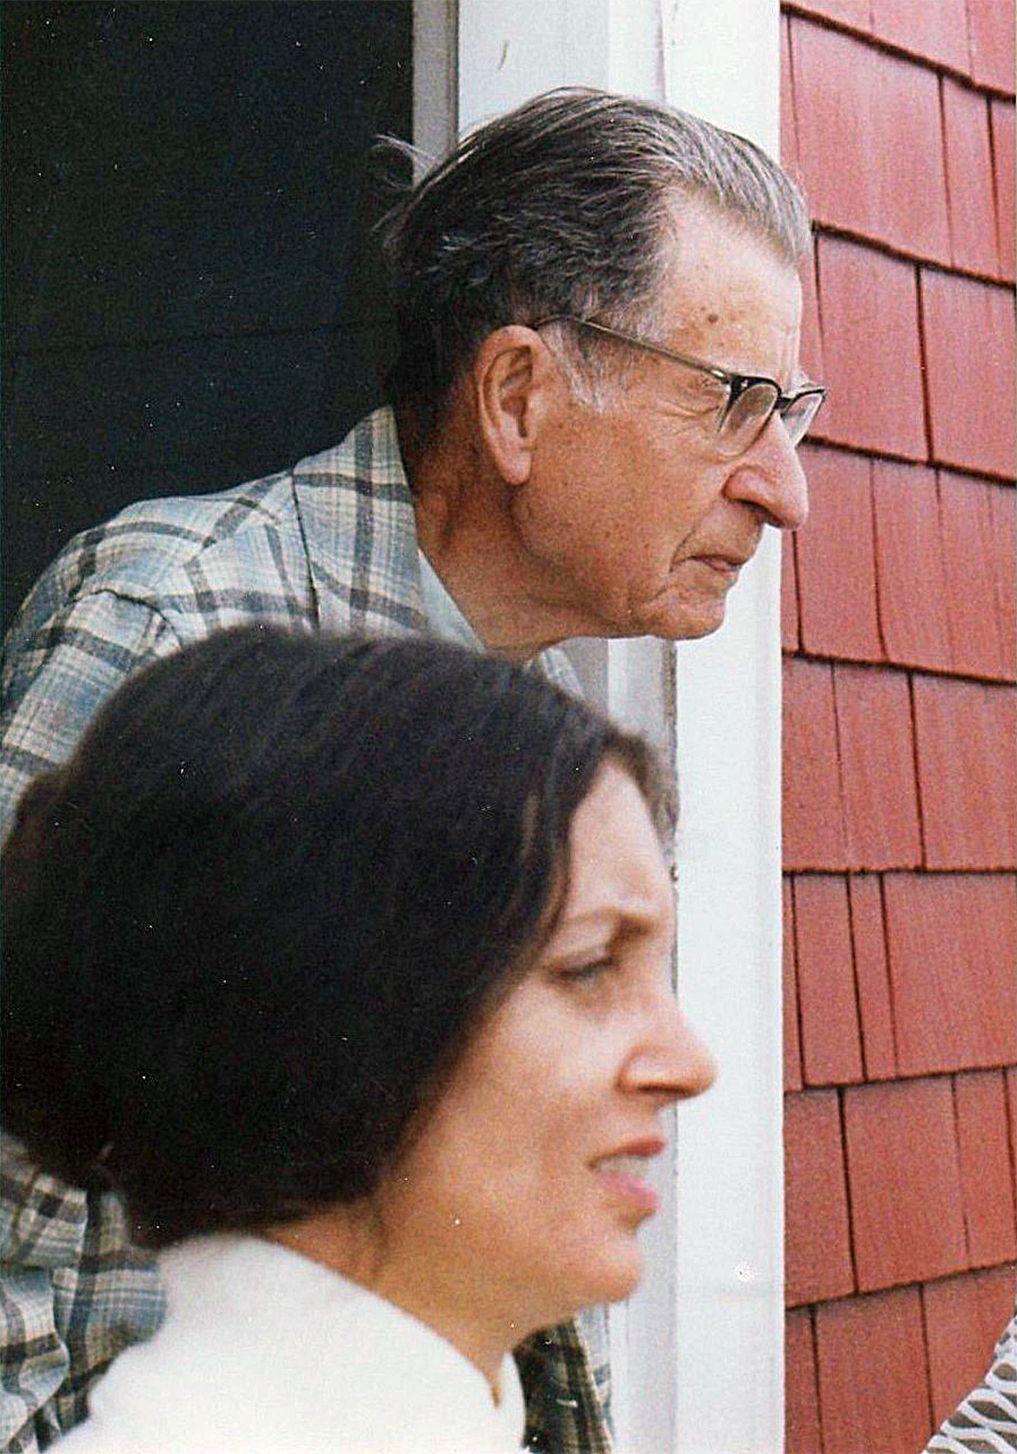 Sydney Stevens and Cecil Jefferson Espy